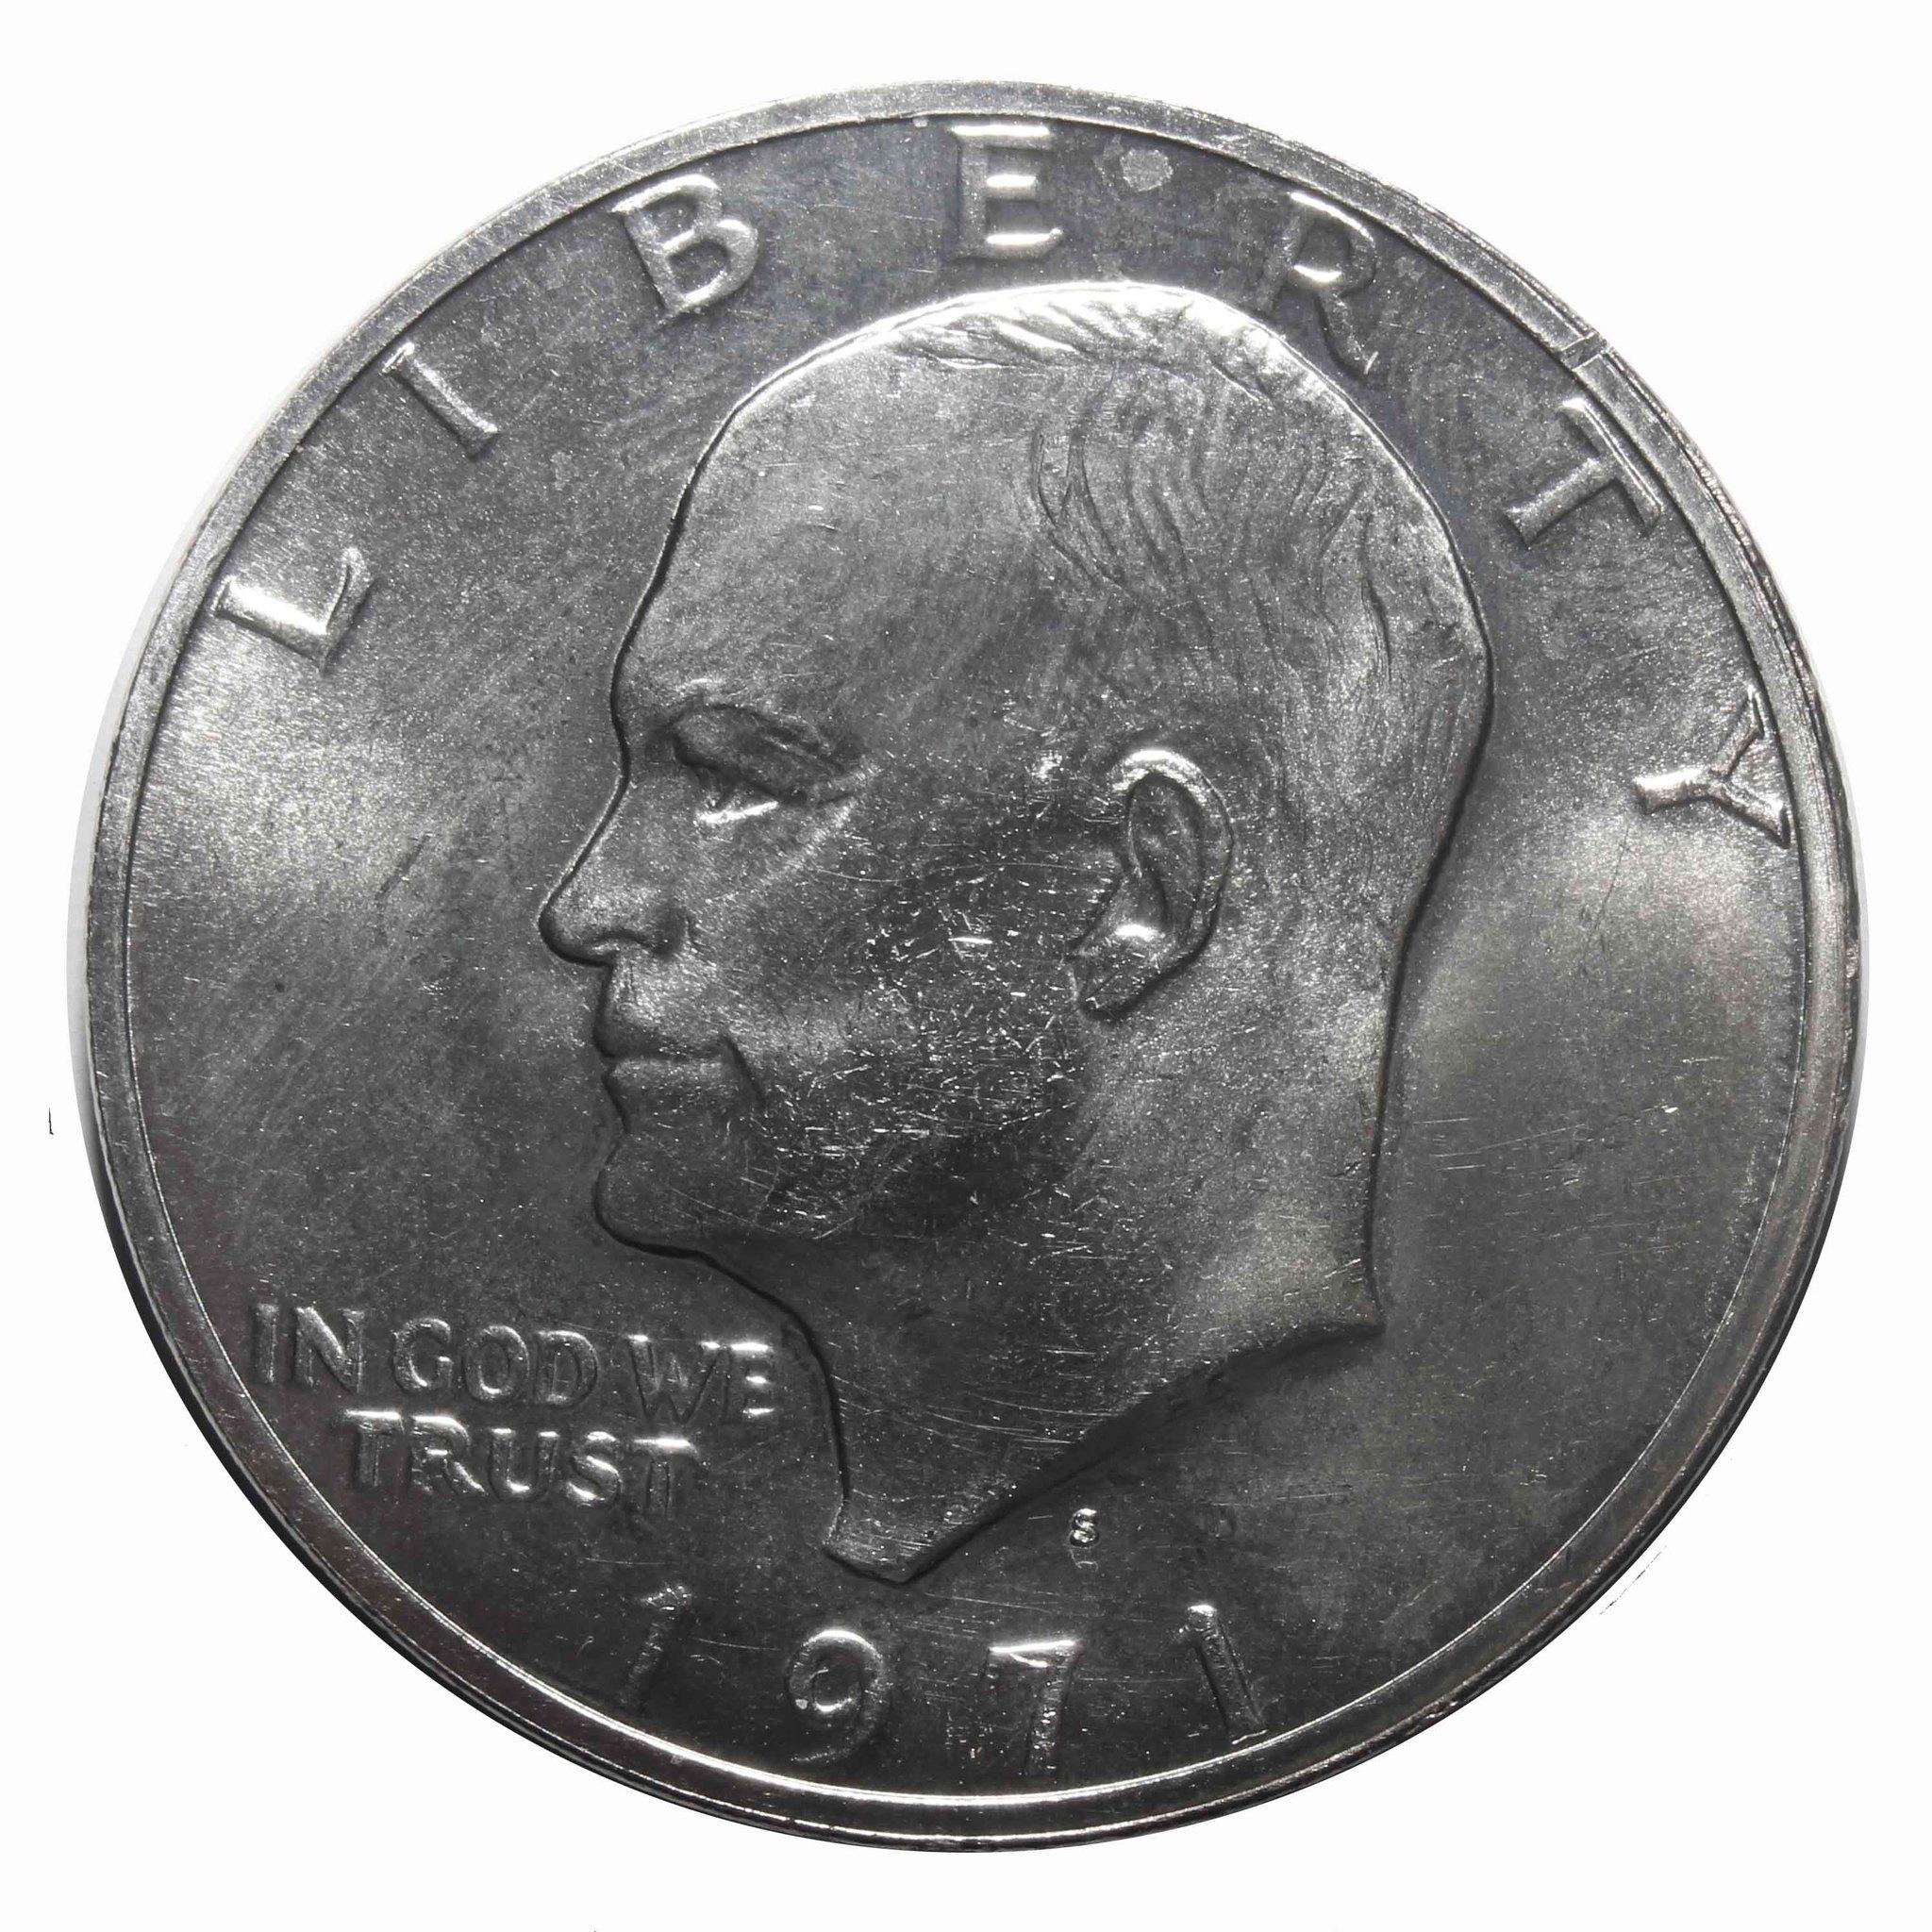 1 доллар 1971 (S) США. (Лунный) Серебро. AU